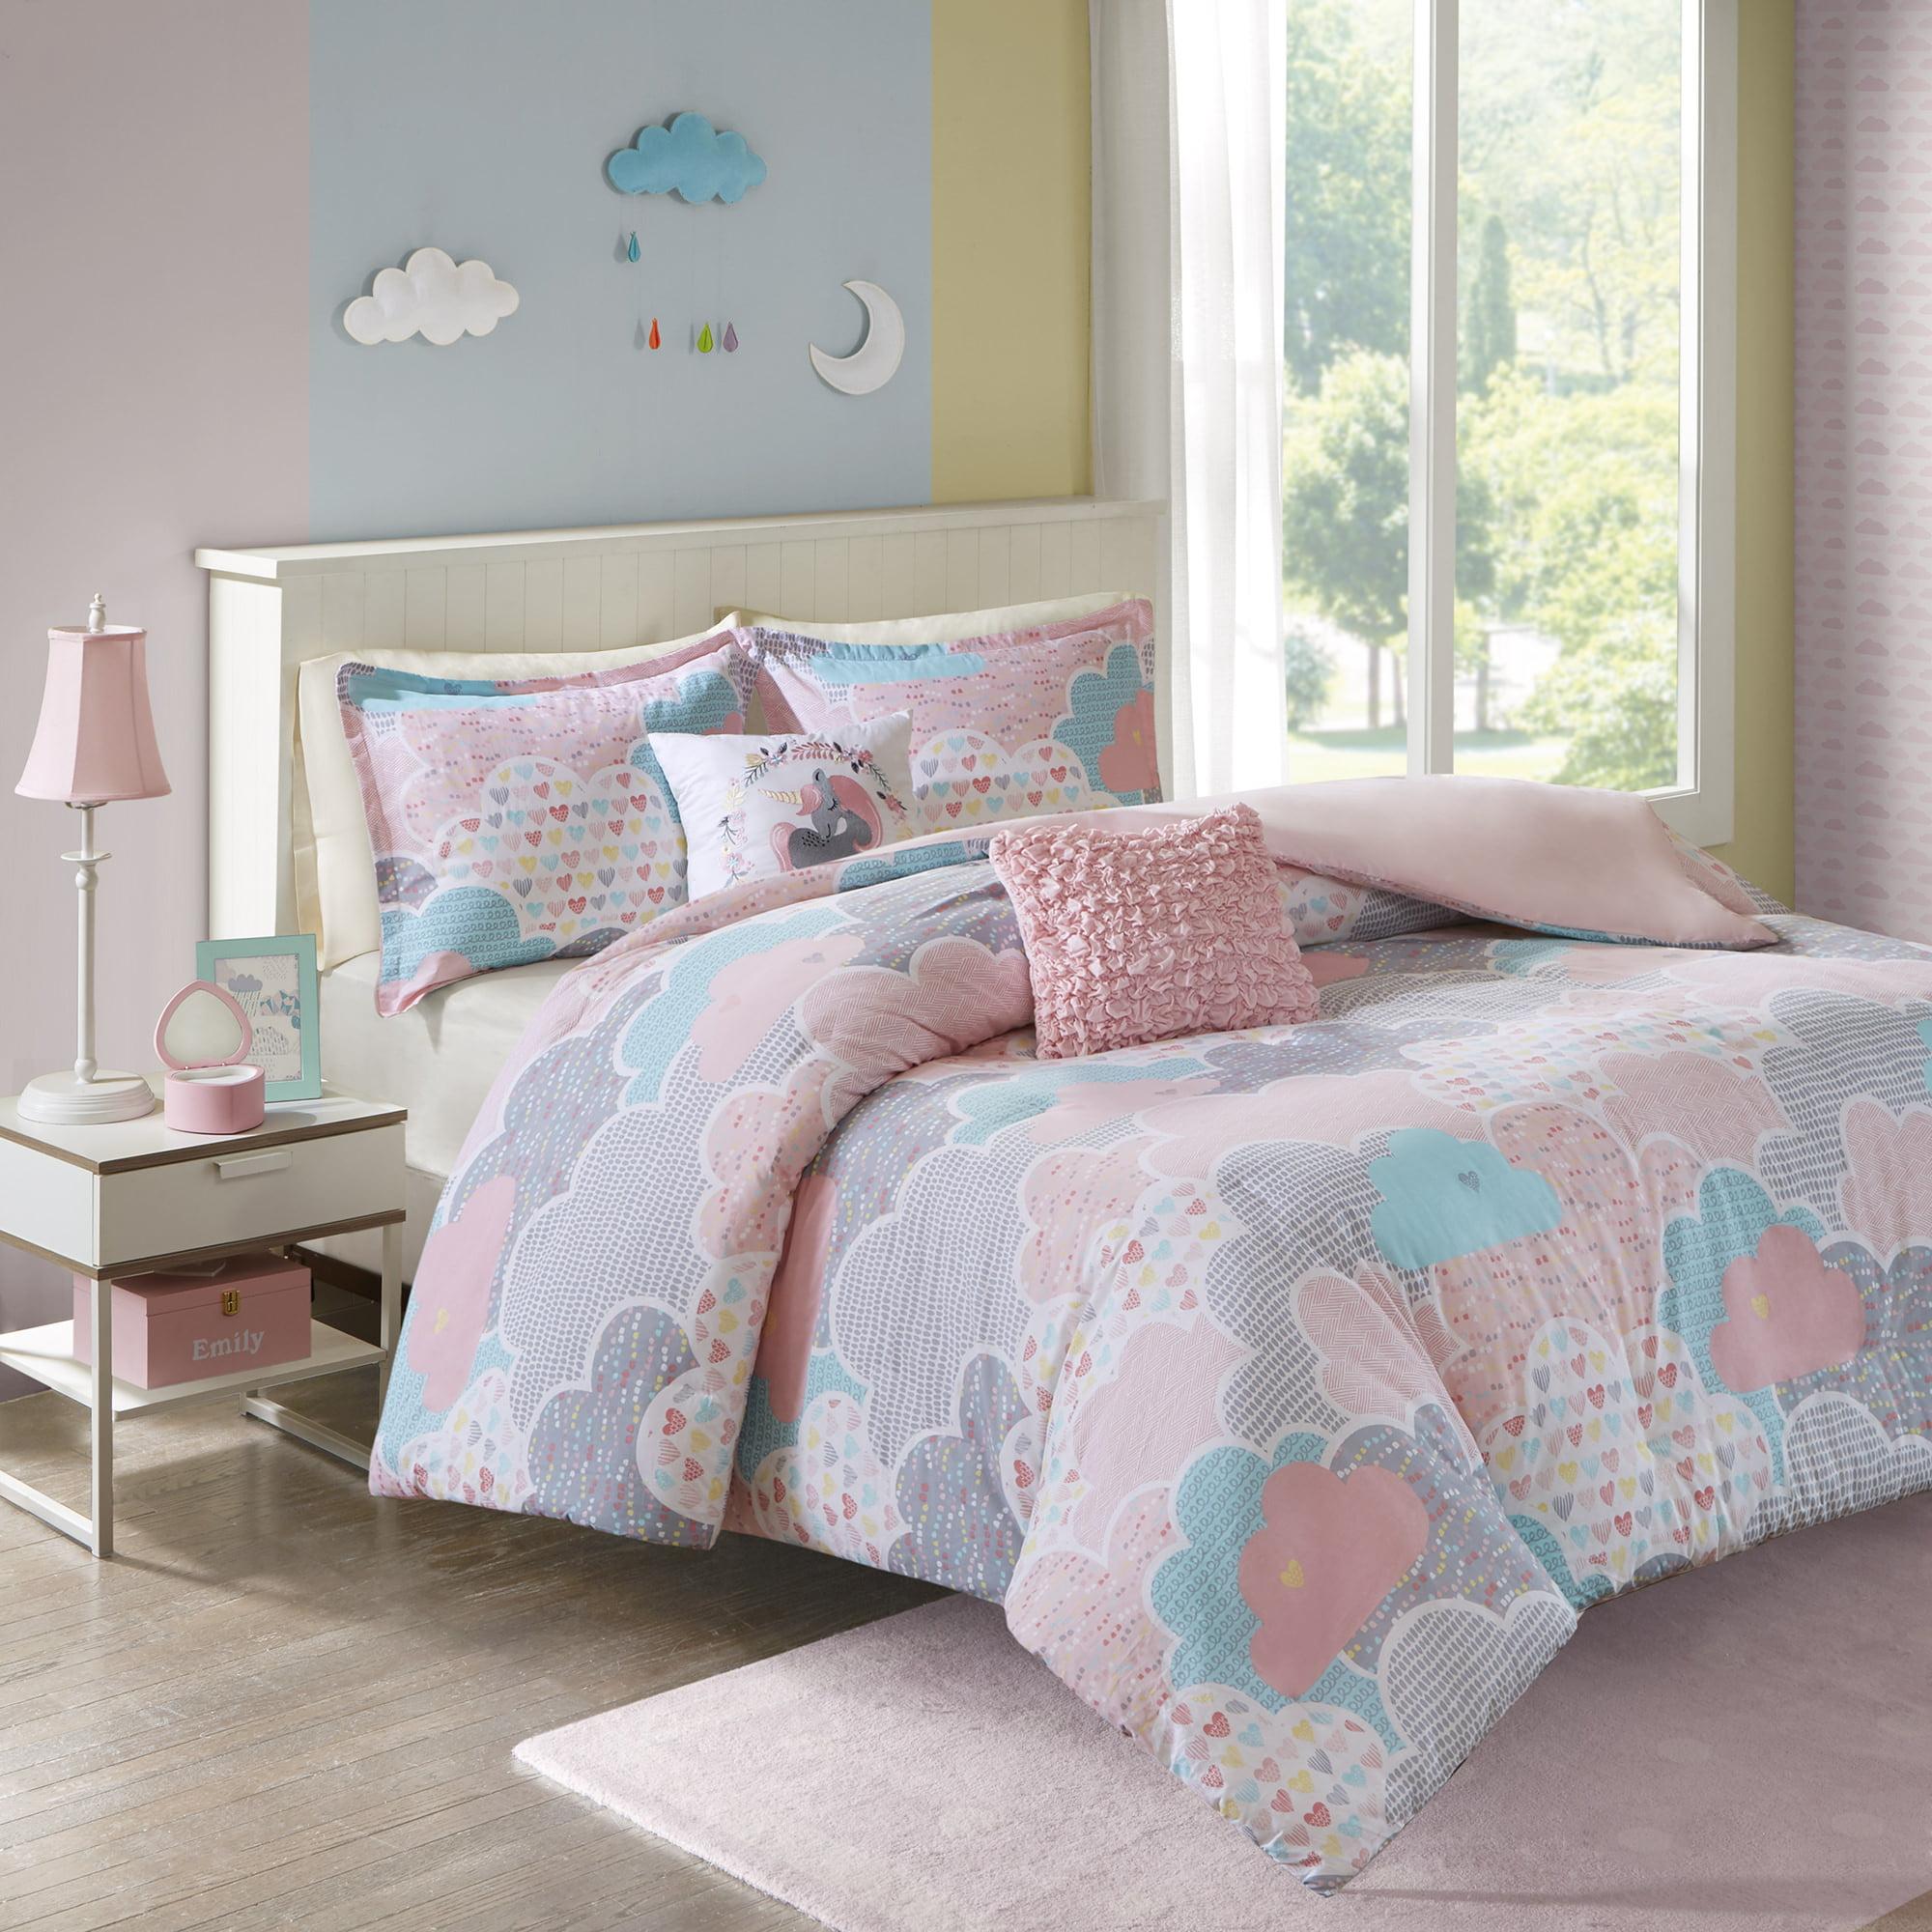 Home Essence Kids Euphoria Cotton Printed Duvet Cover Set Walmart Com Walmart Com